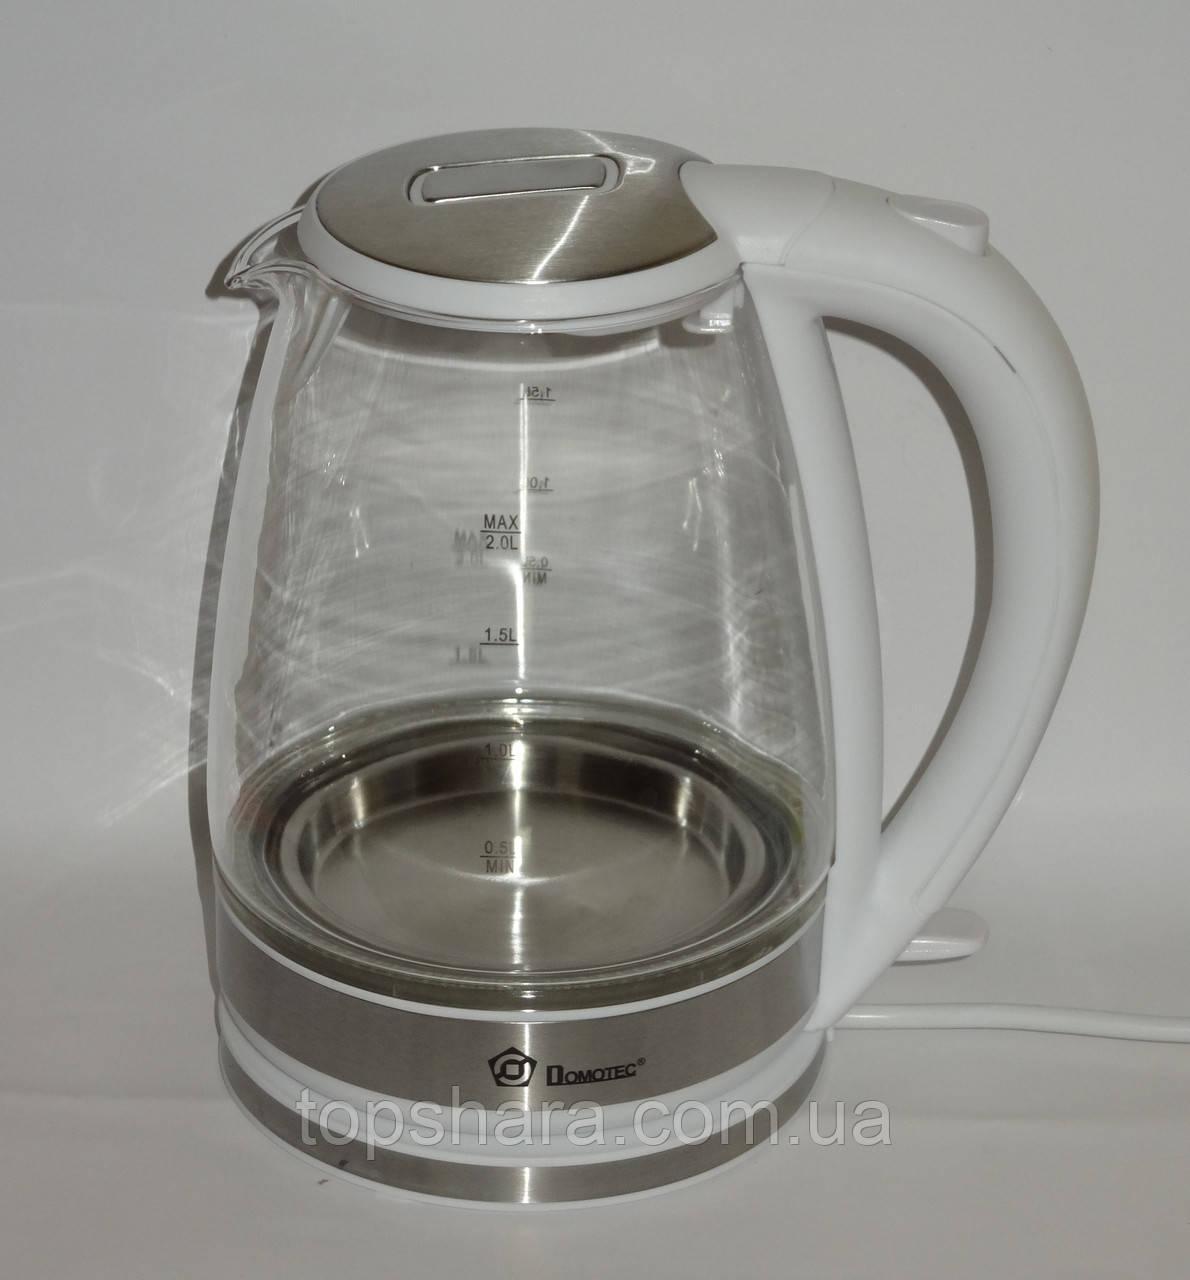 Электрочайник стеклянный Domotec MS-8114 чайник 2.0л белый